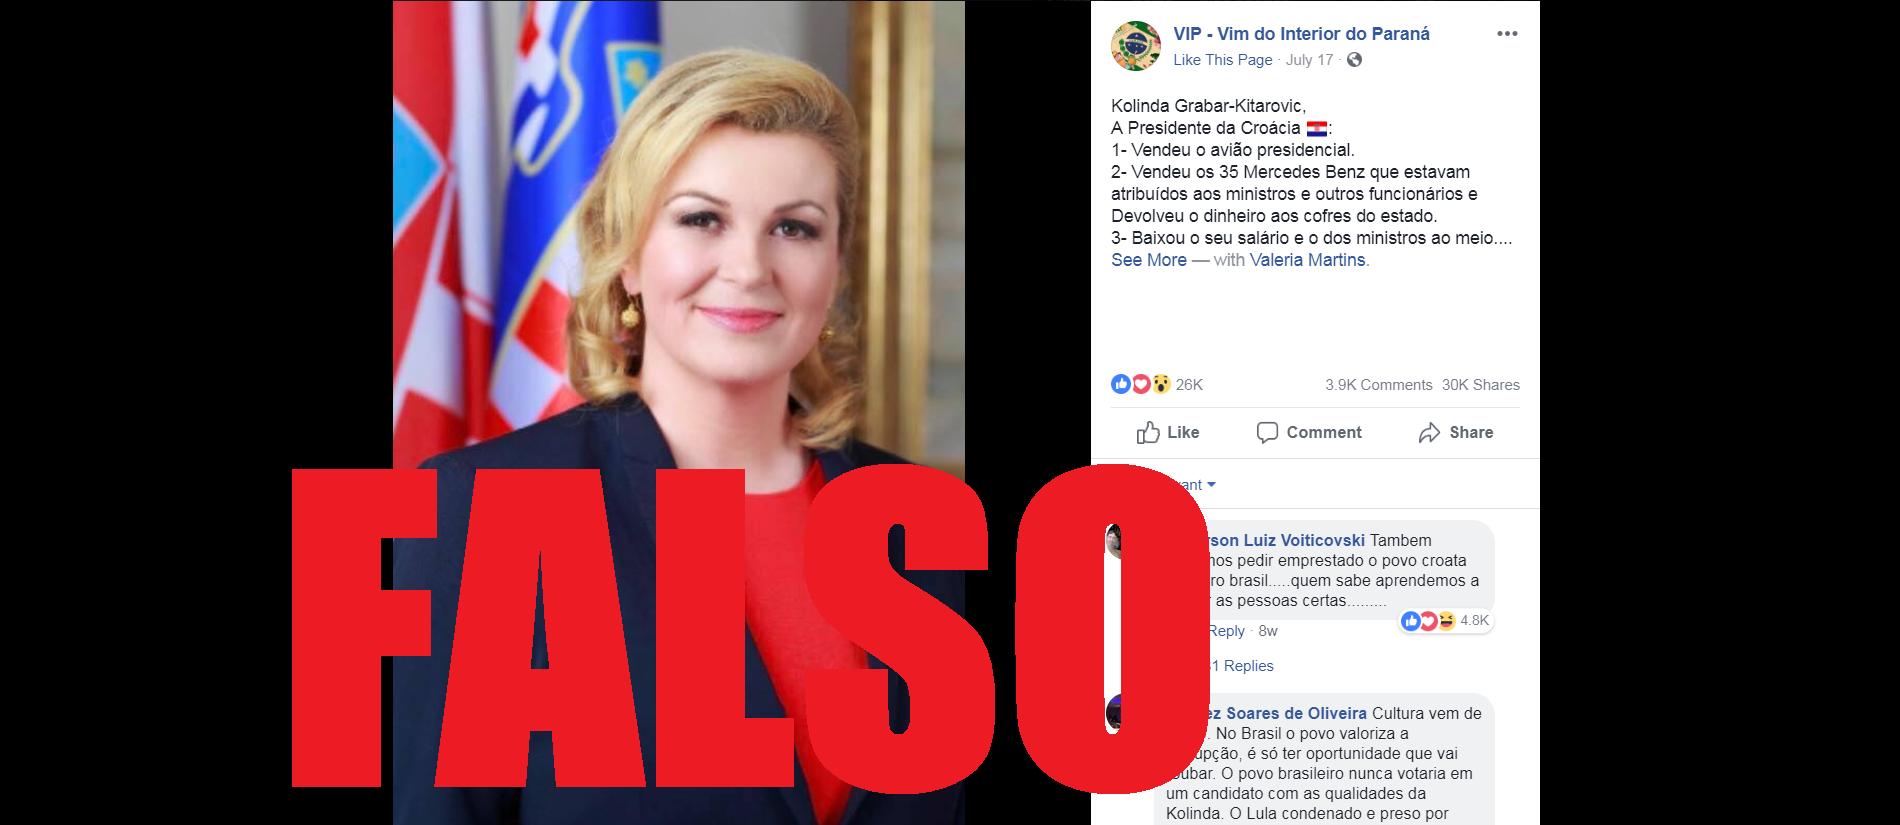 Captura de tela de uma publicação no Facebook disseminando a informação falsa, feita 18 de setembro de 2018